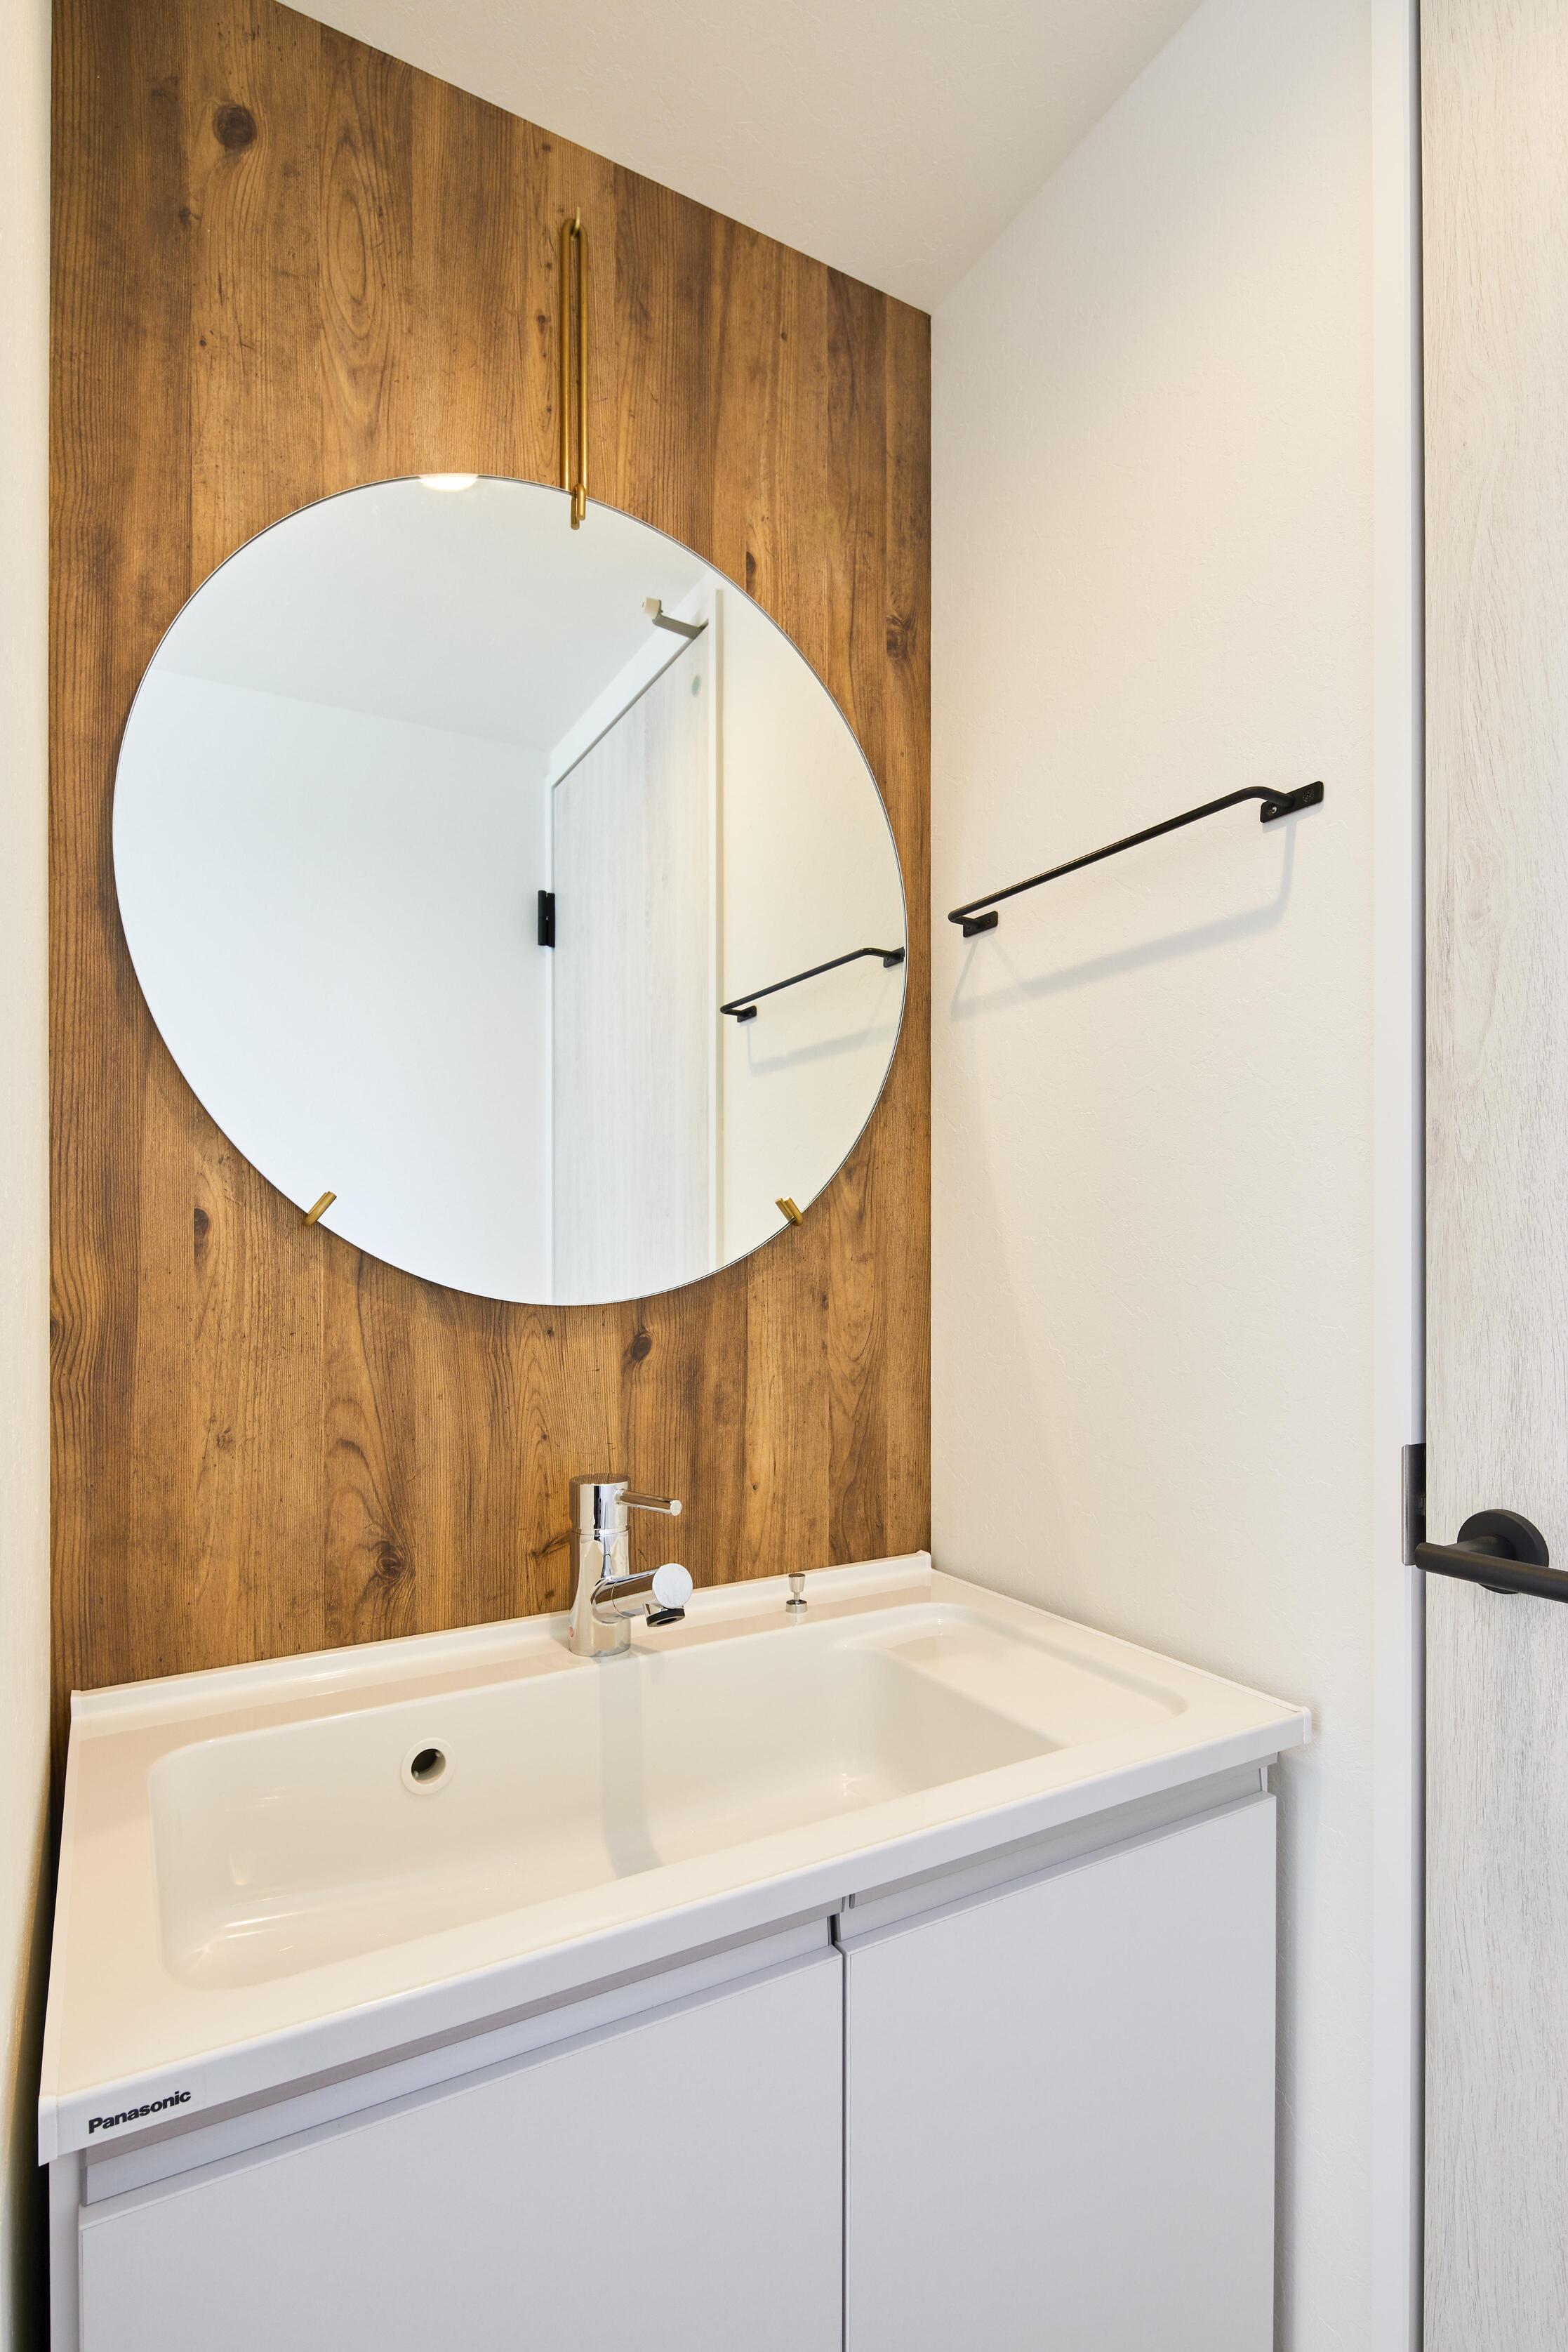 丸い鏡が可愛らしい2階の洗面台